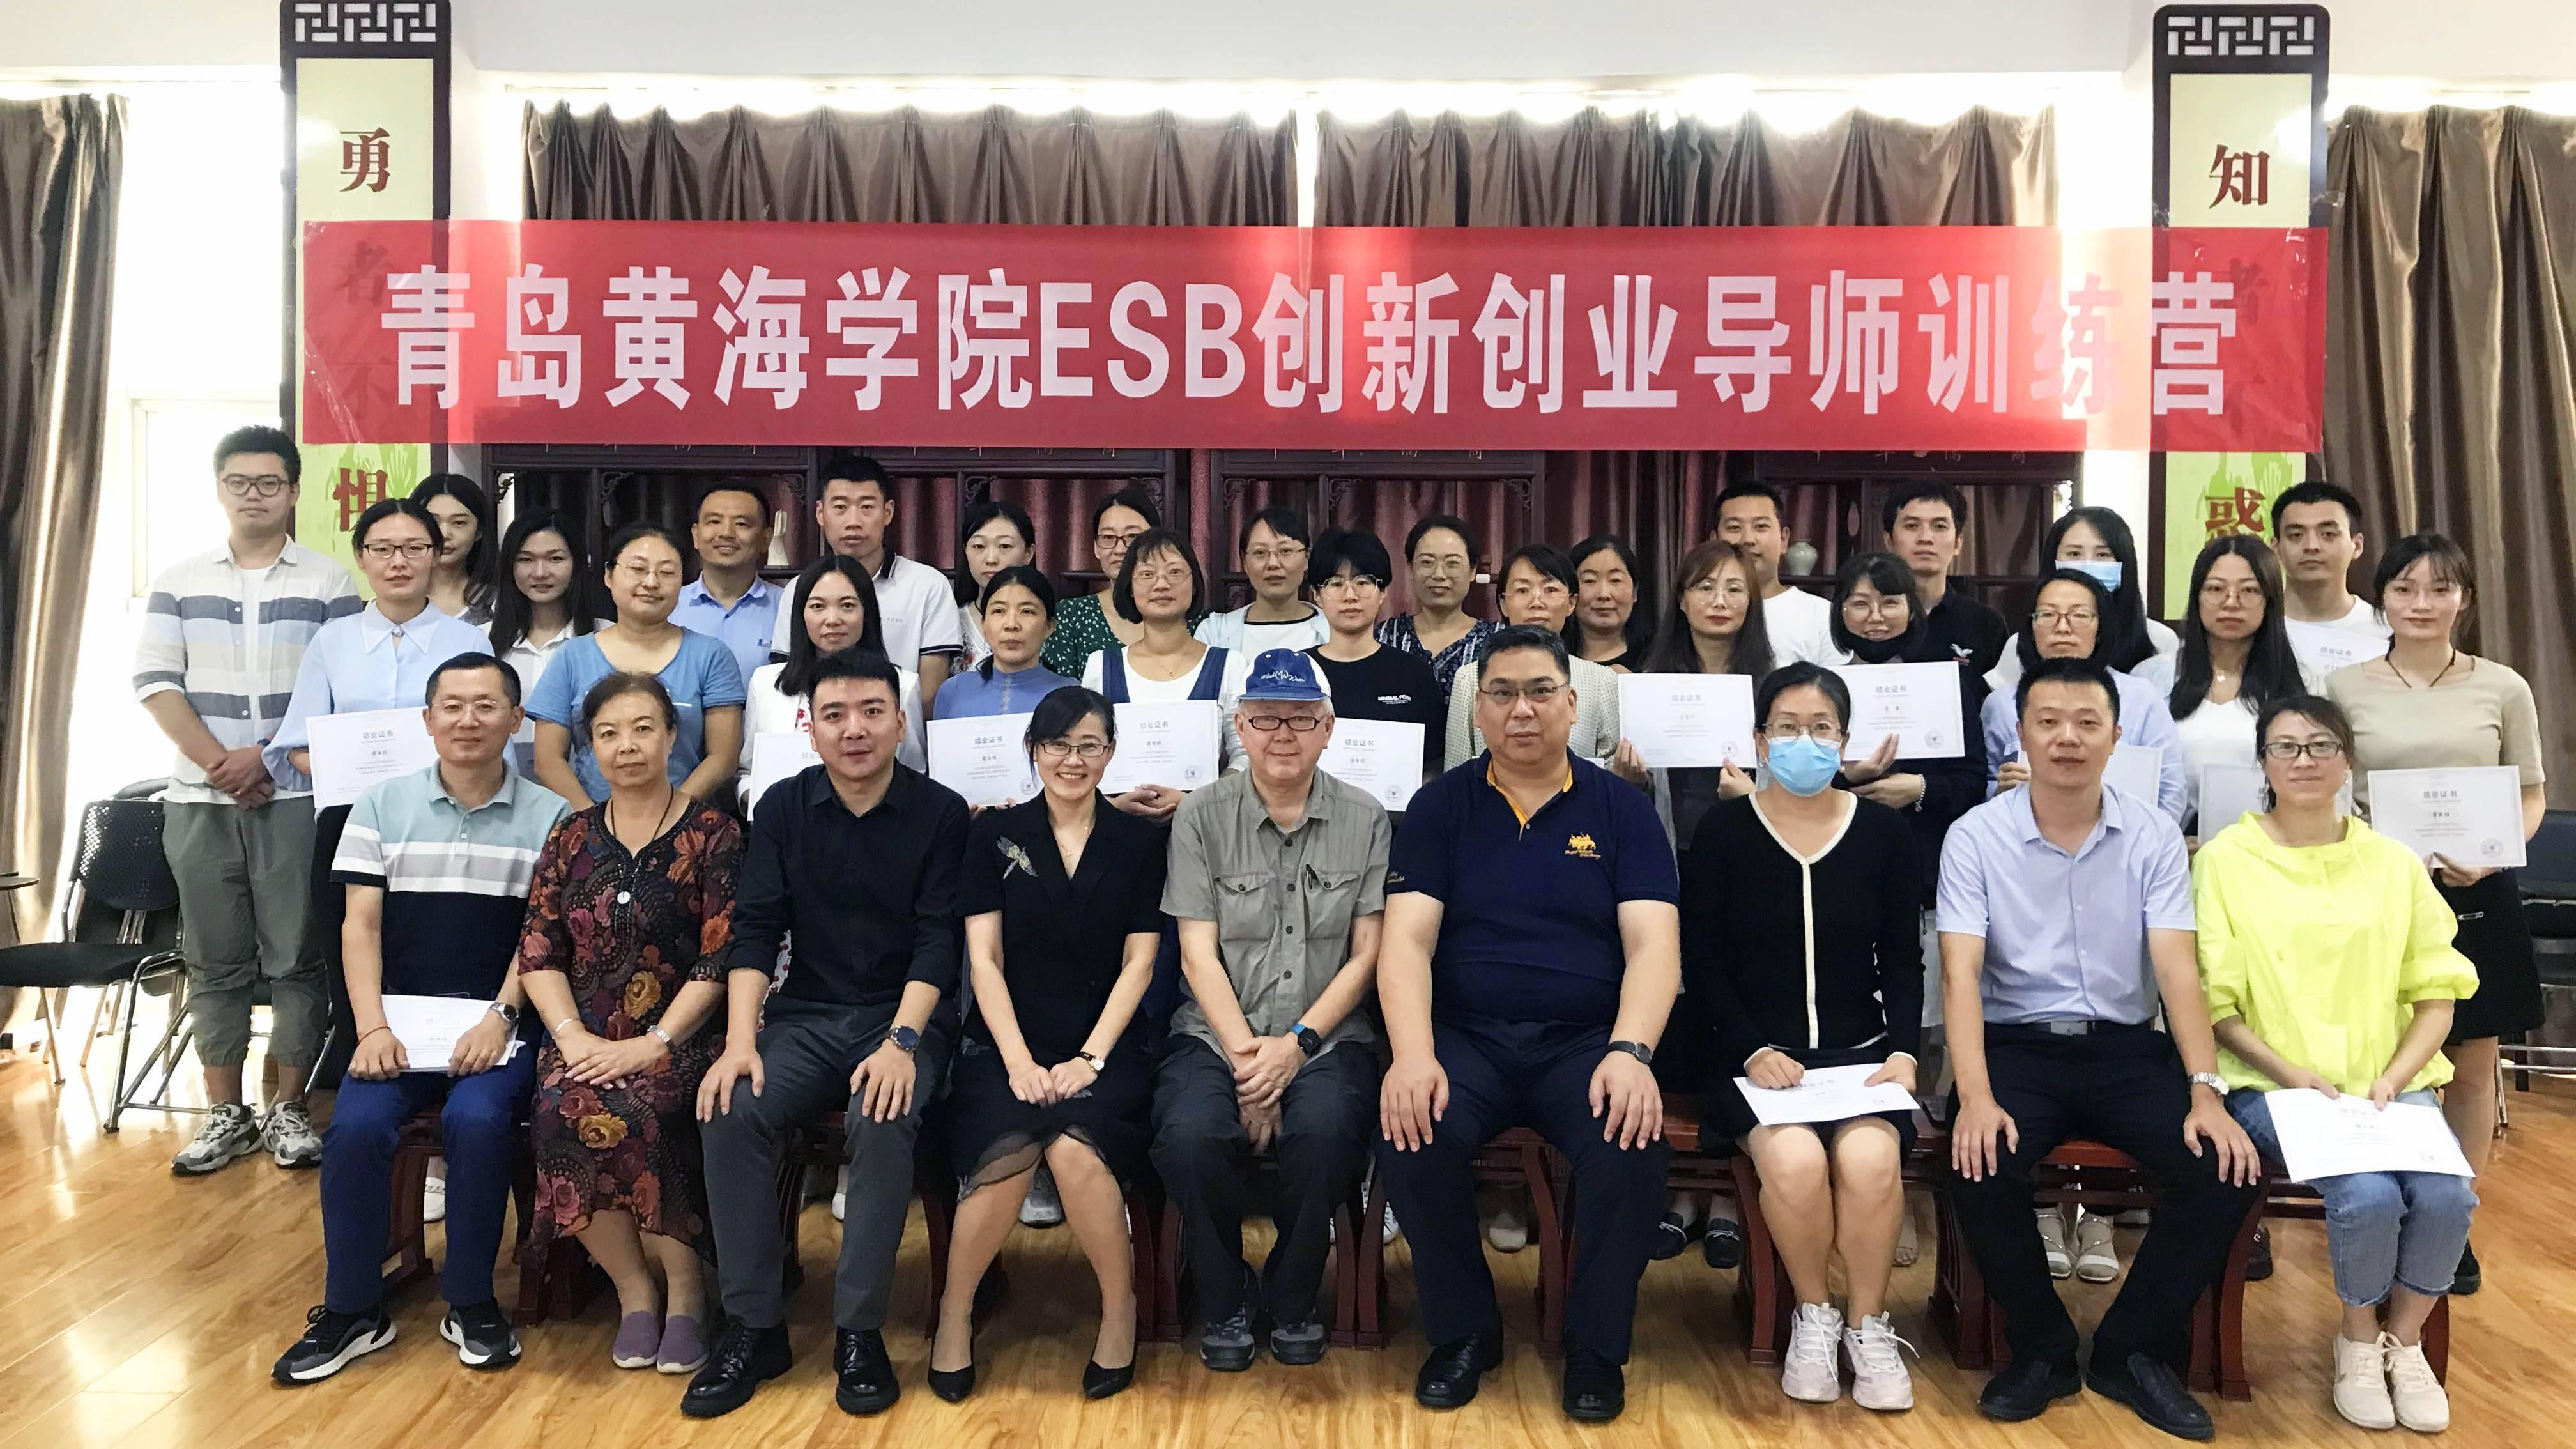 青岛黄海学院ESB创新创业导师训练营圆满结业